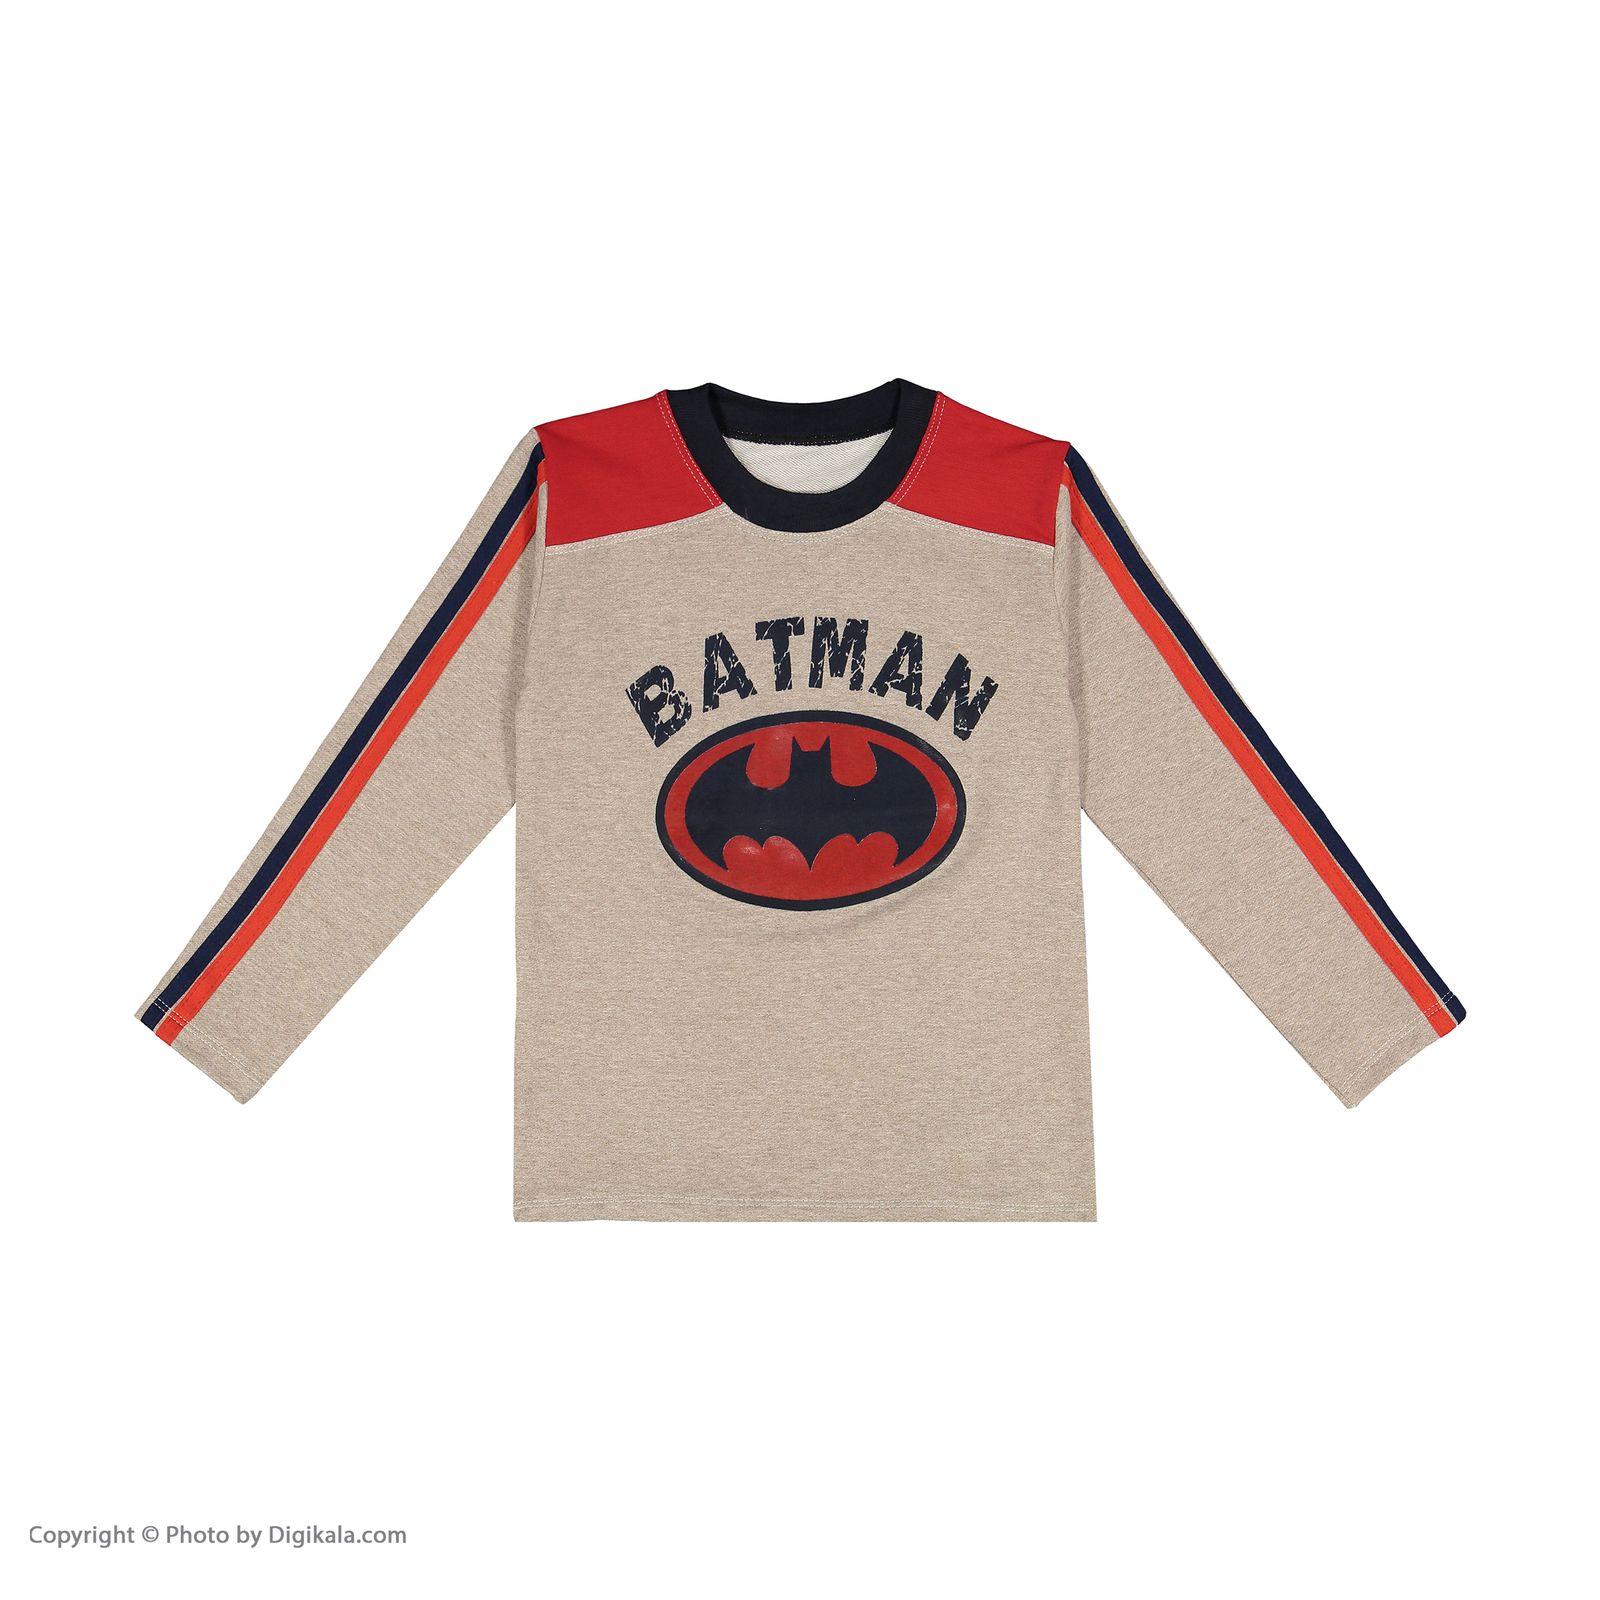 ست تی شرت و شلوار پسرانه سیدونا مدل KSI6003-031 -  - 3